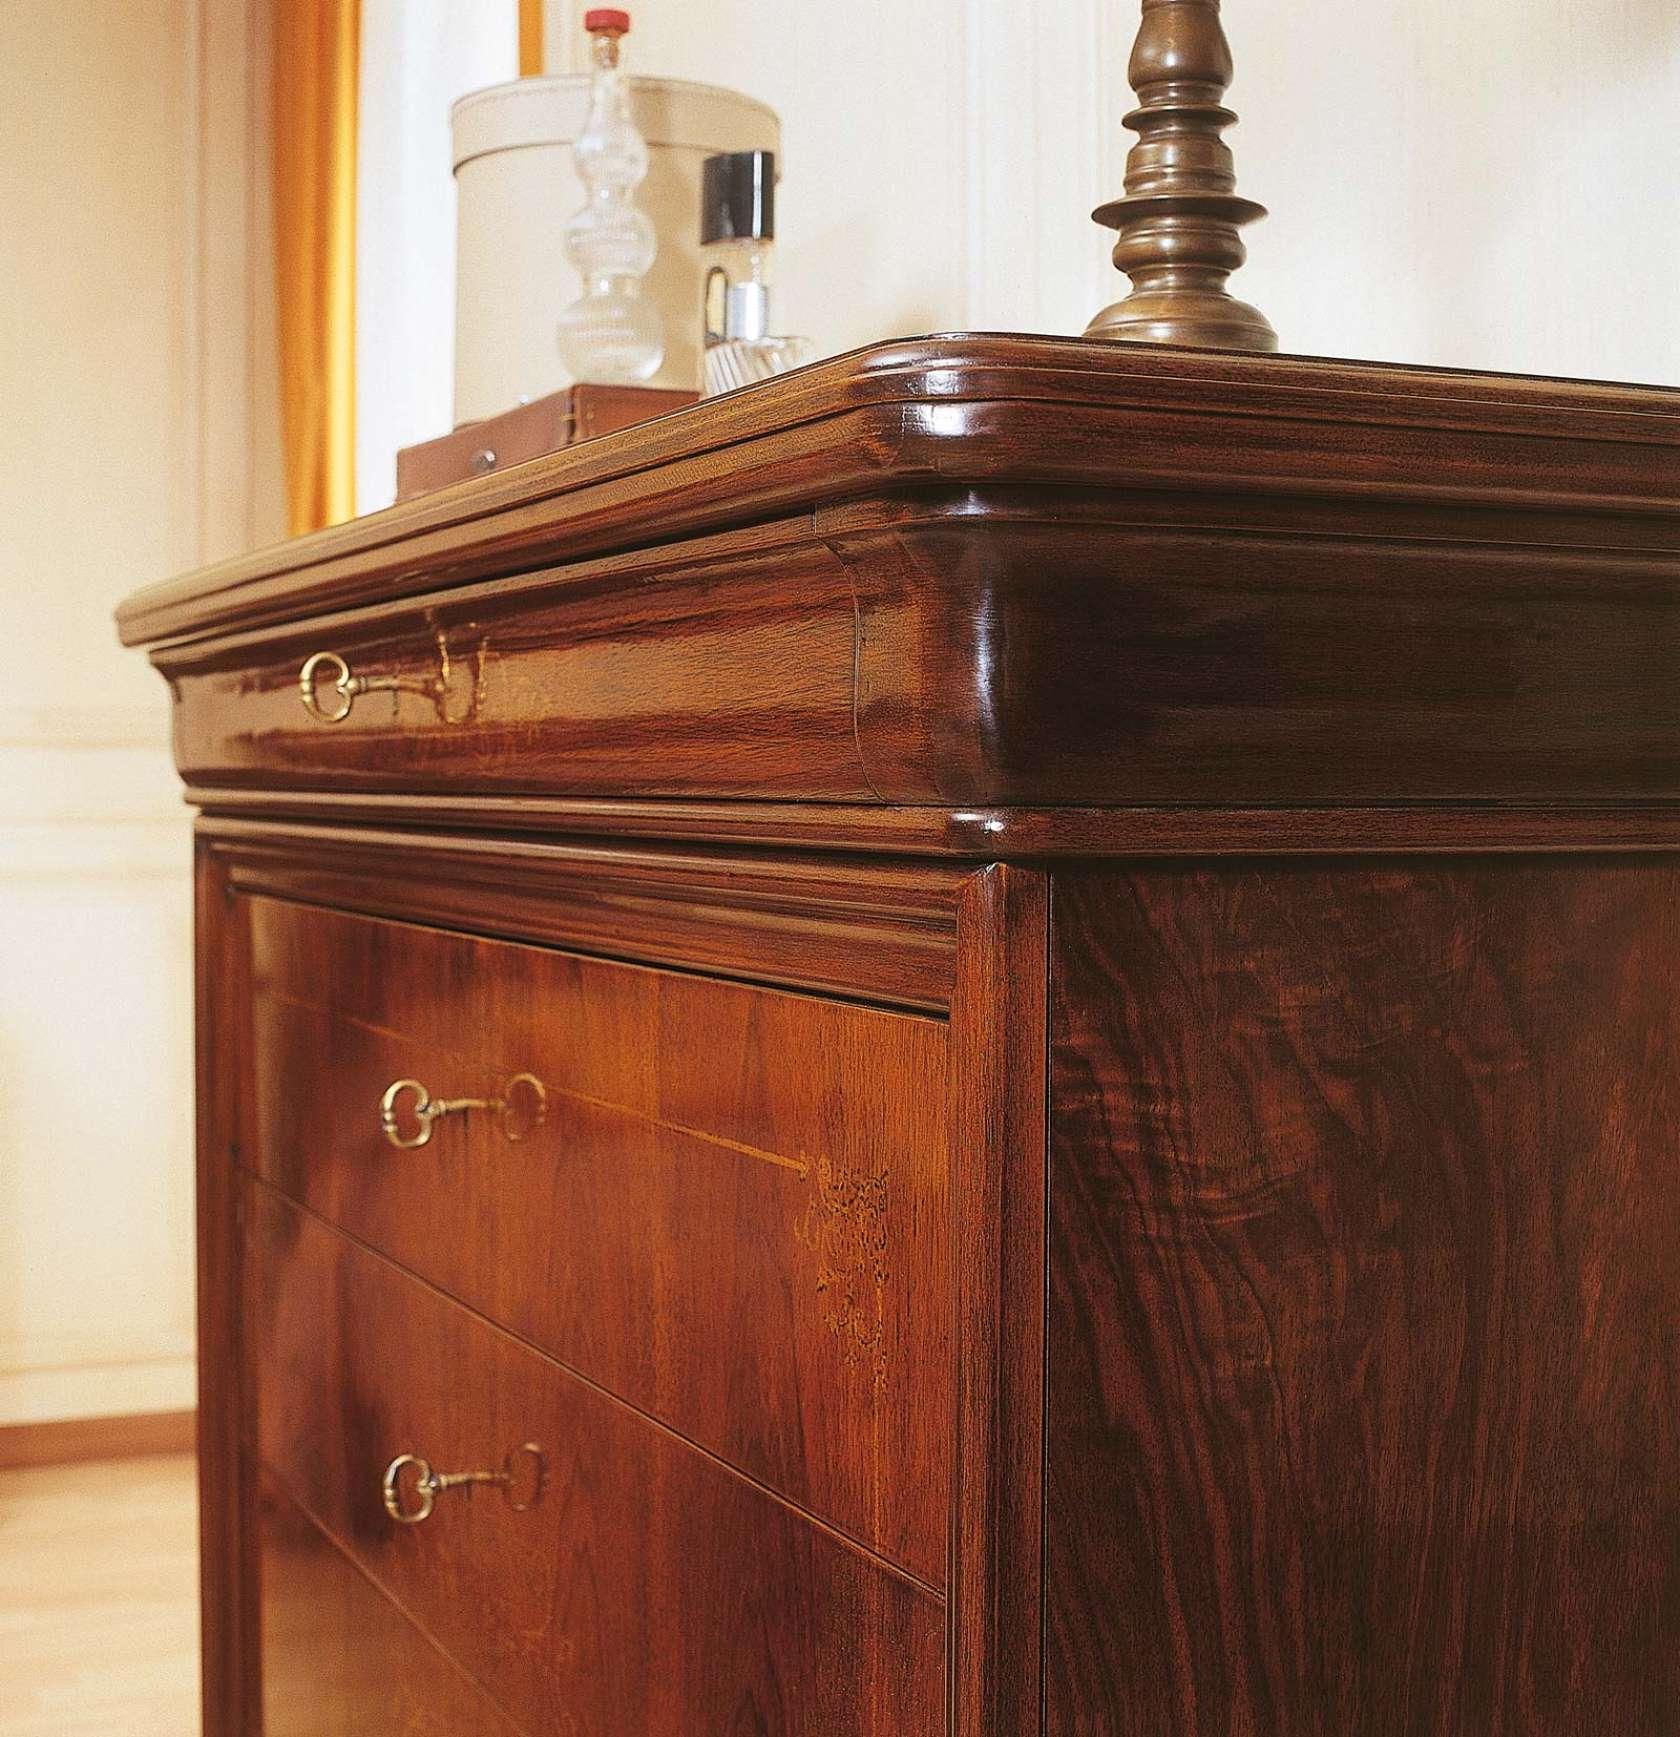 Camera da letto 800 francese com in noce intarsiato - Camera da letto in francese ...